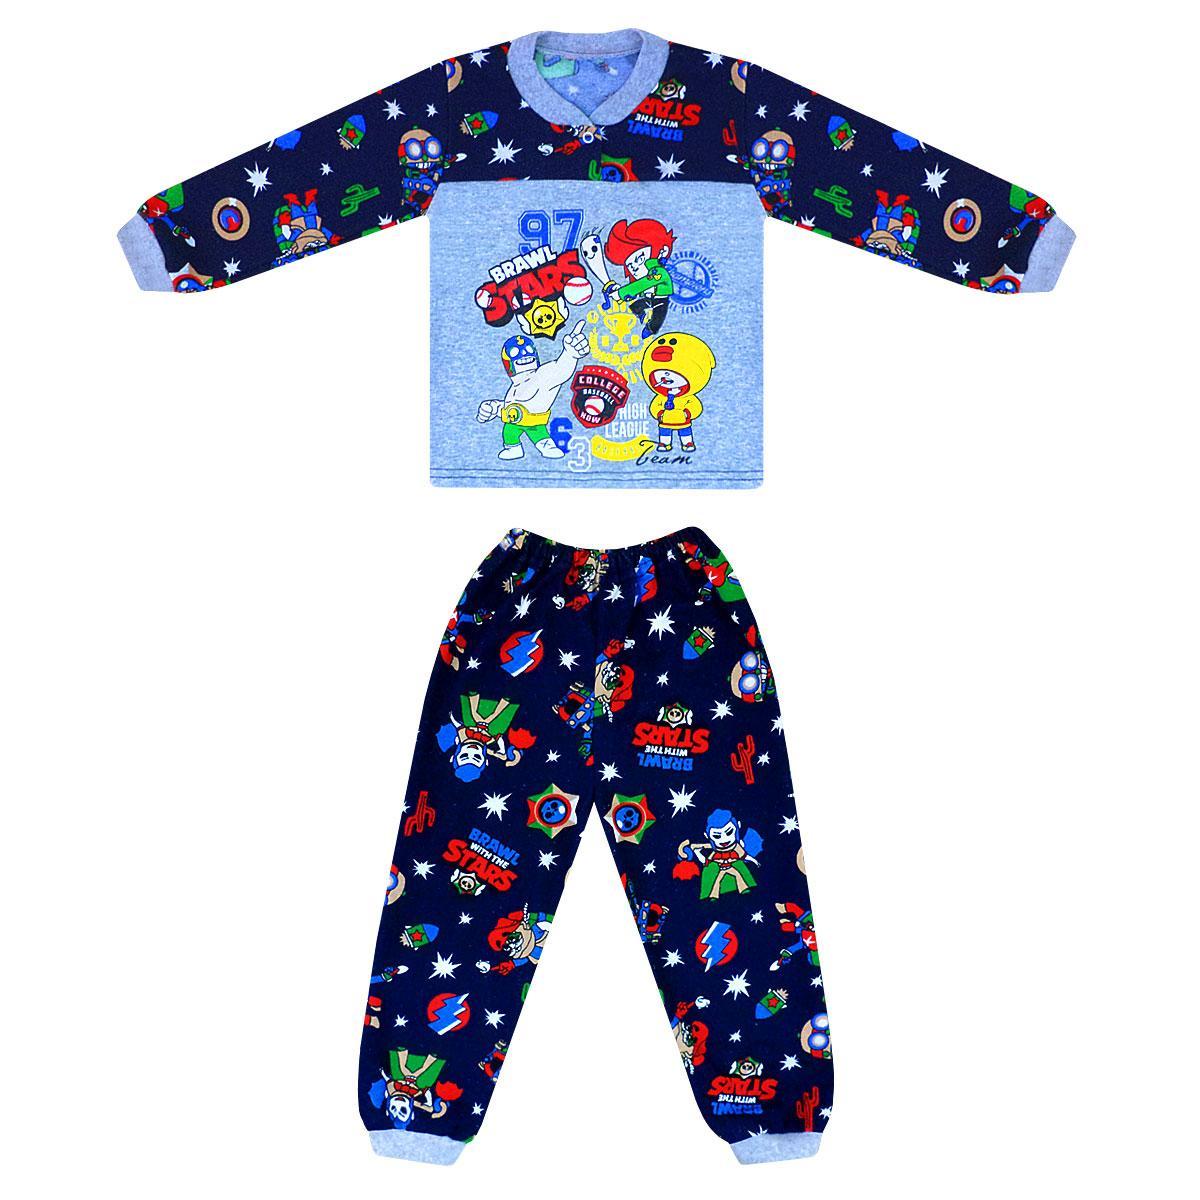 Пижама детская с принтом Brawl stars для мальчика начес